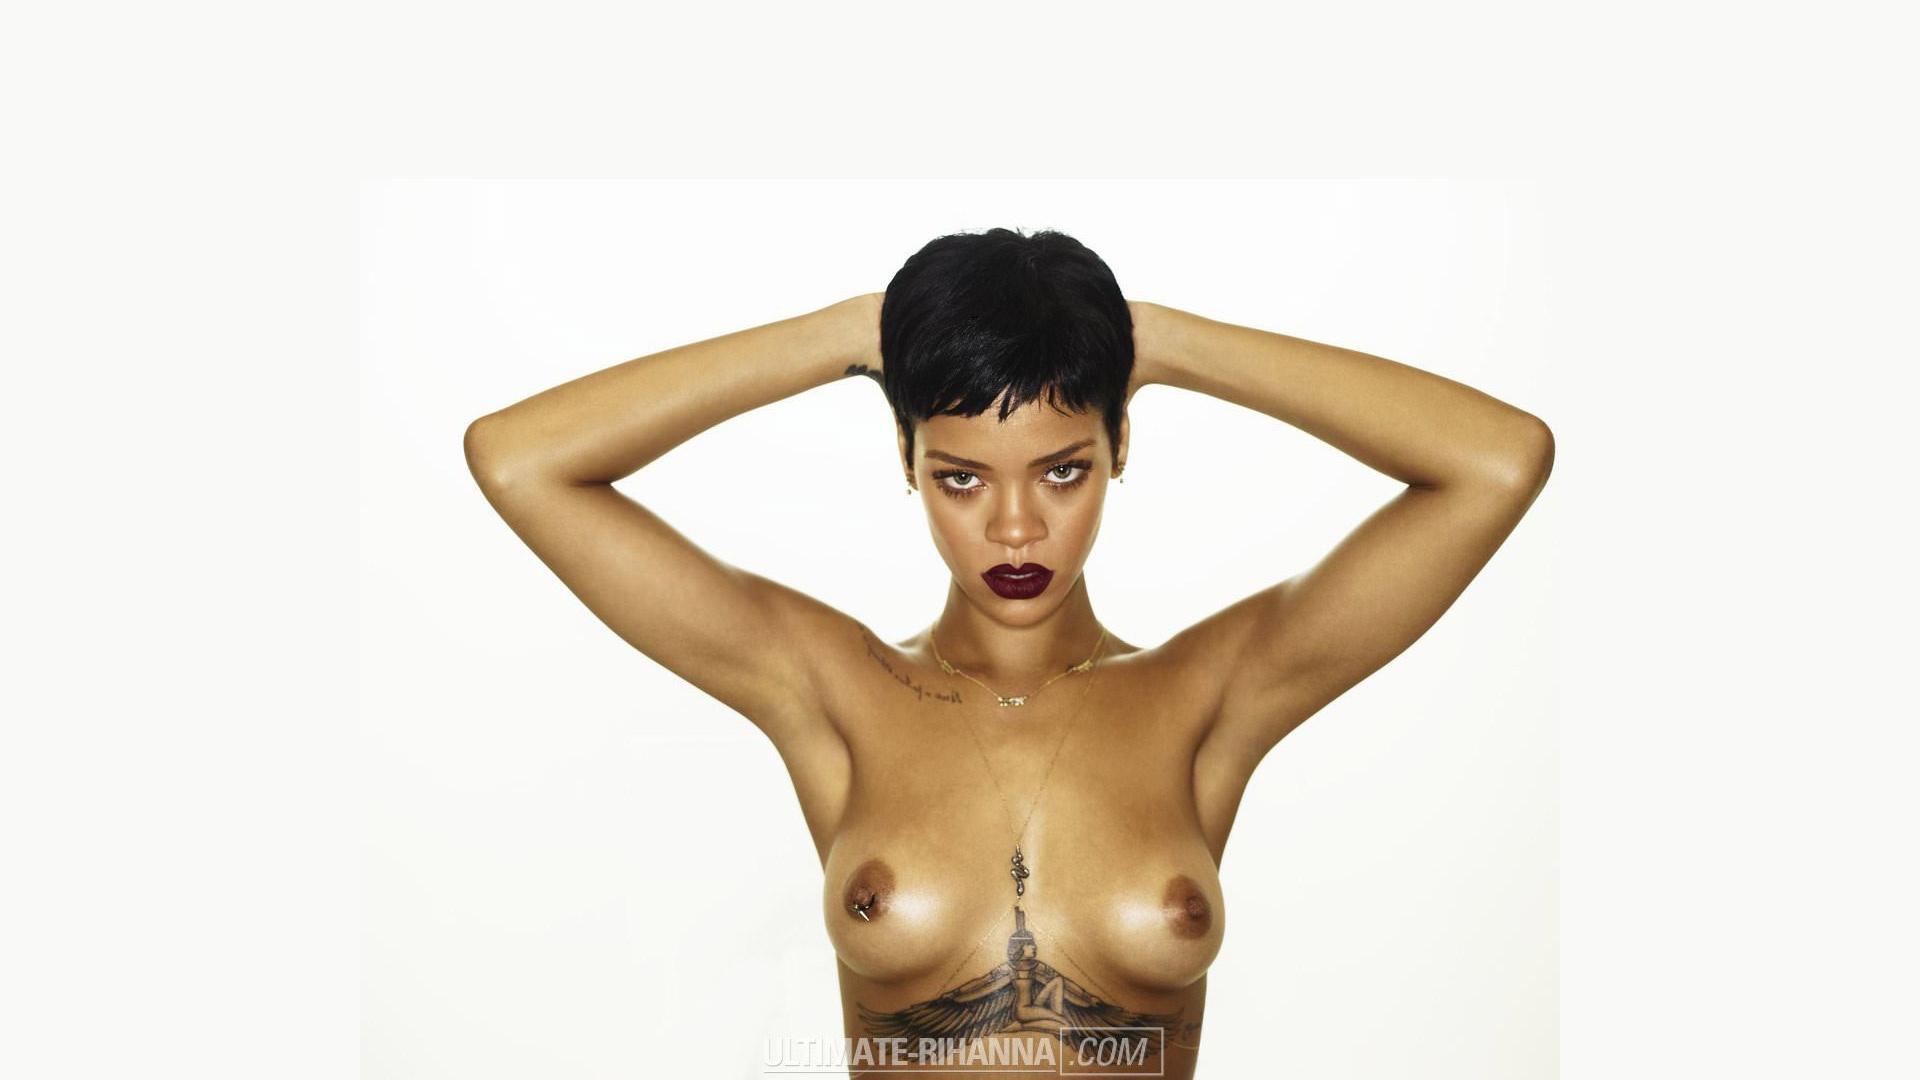 Rihanna topless wallpaper